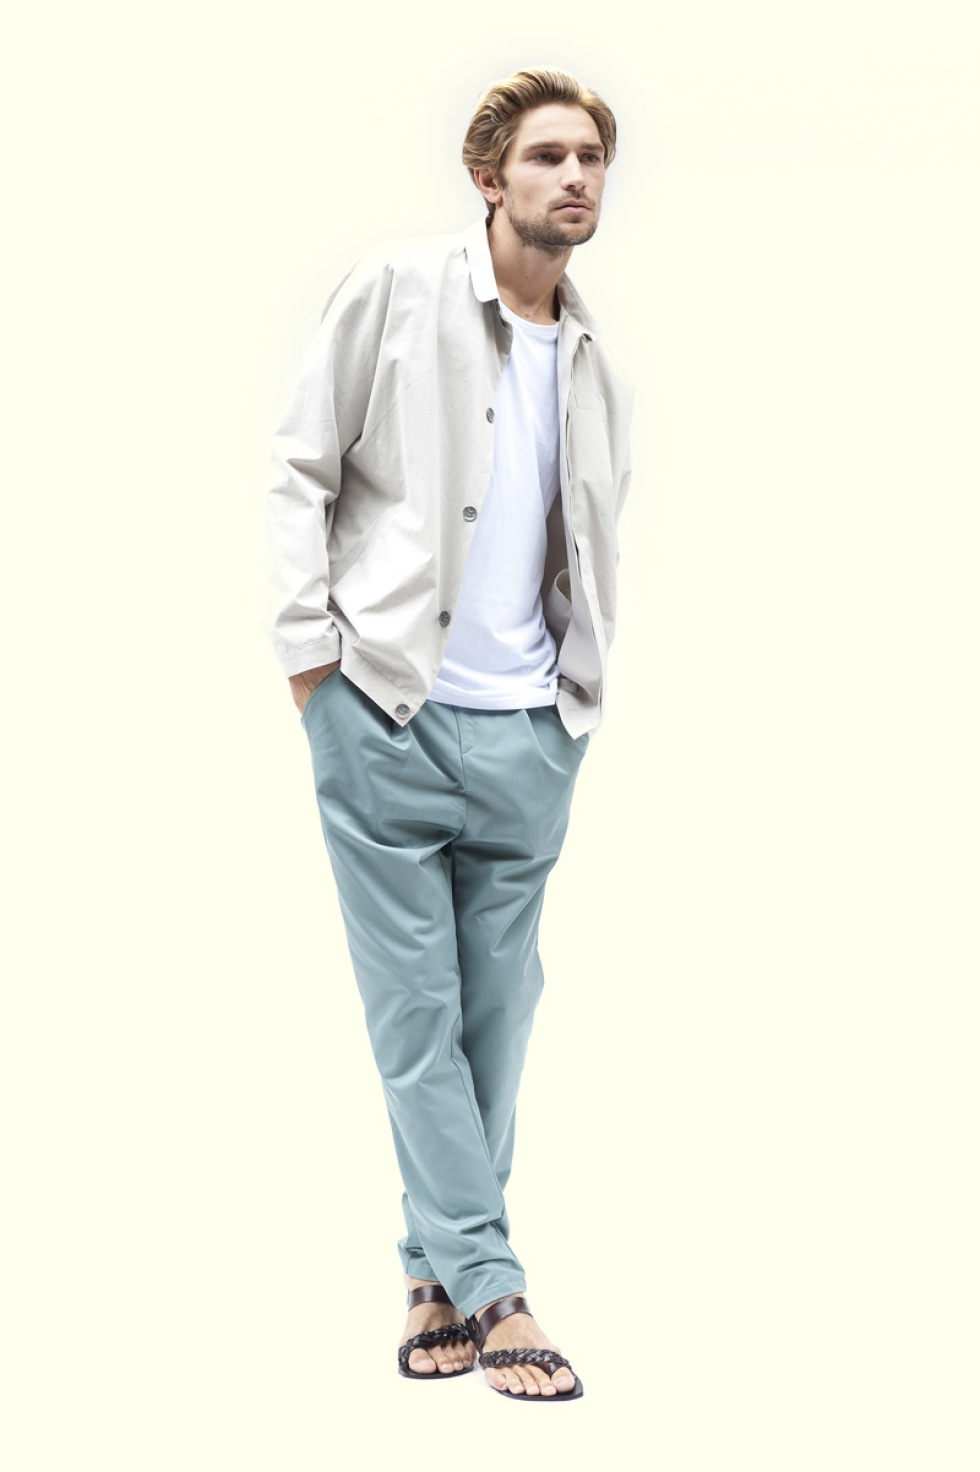 155547 980 - Lagom 2011 Erkek Giyim Kolleksiyonu